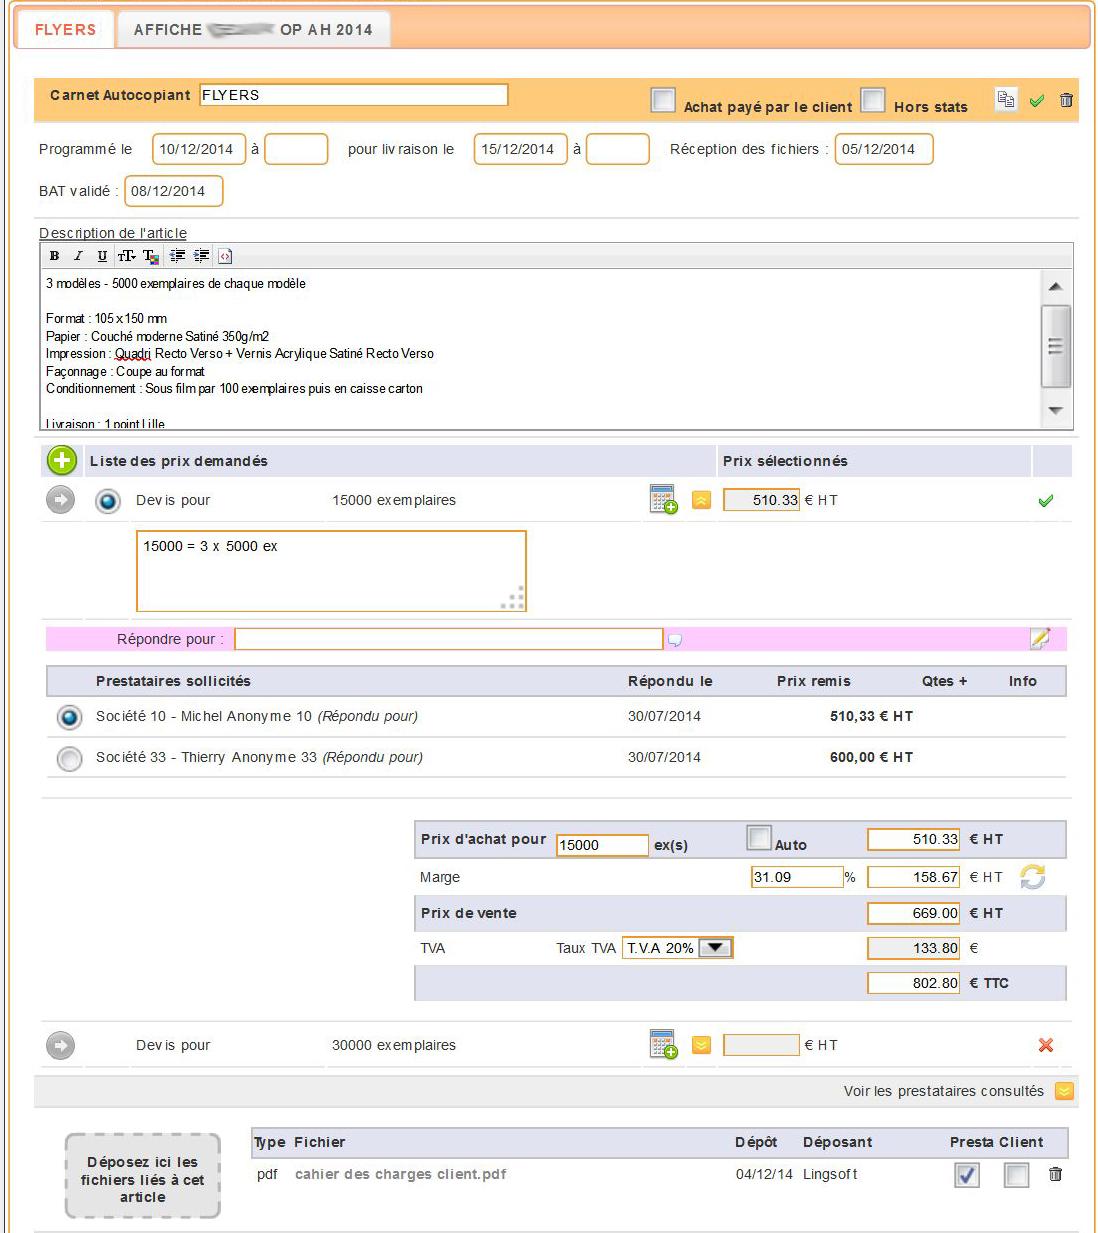 Outil de gestion de proposition fournisseurs spécial agences de communication